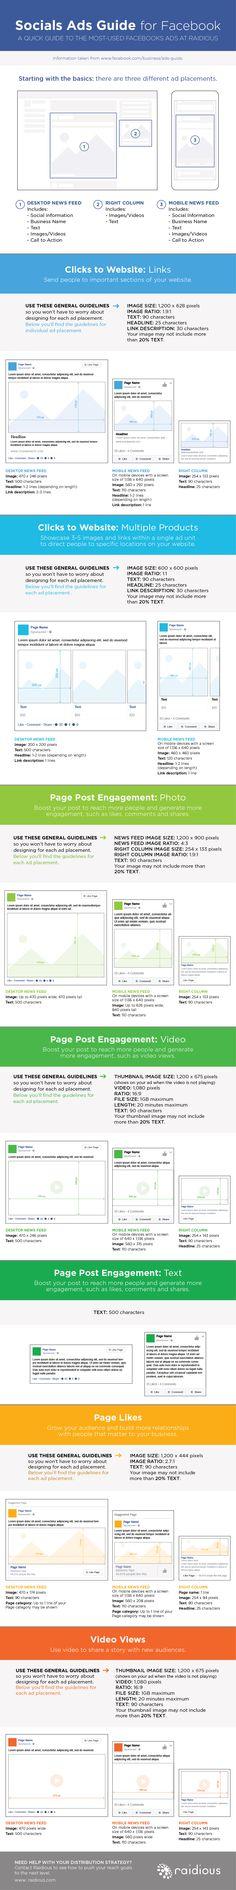 Hola: Una infografía con una Guía de publicidad para FaceBook. Vía Un saludo